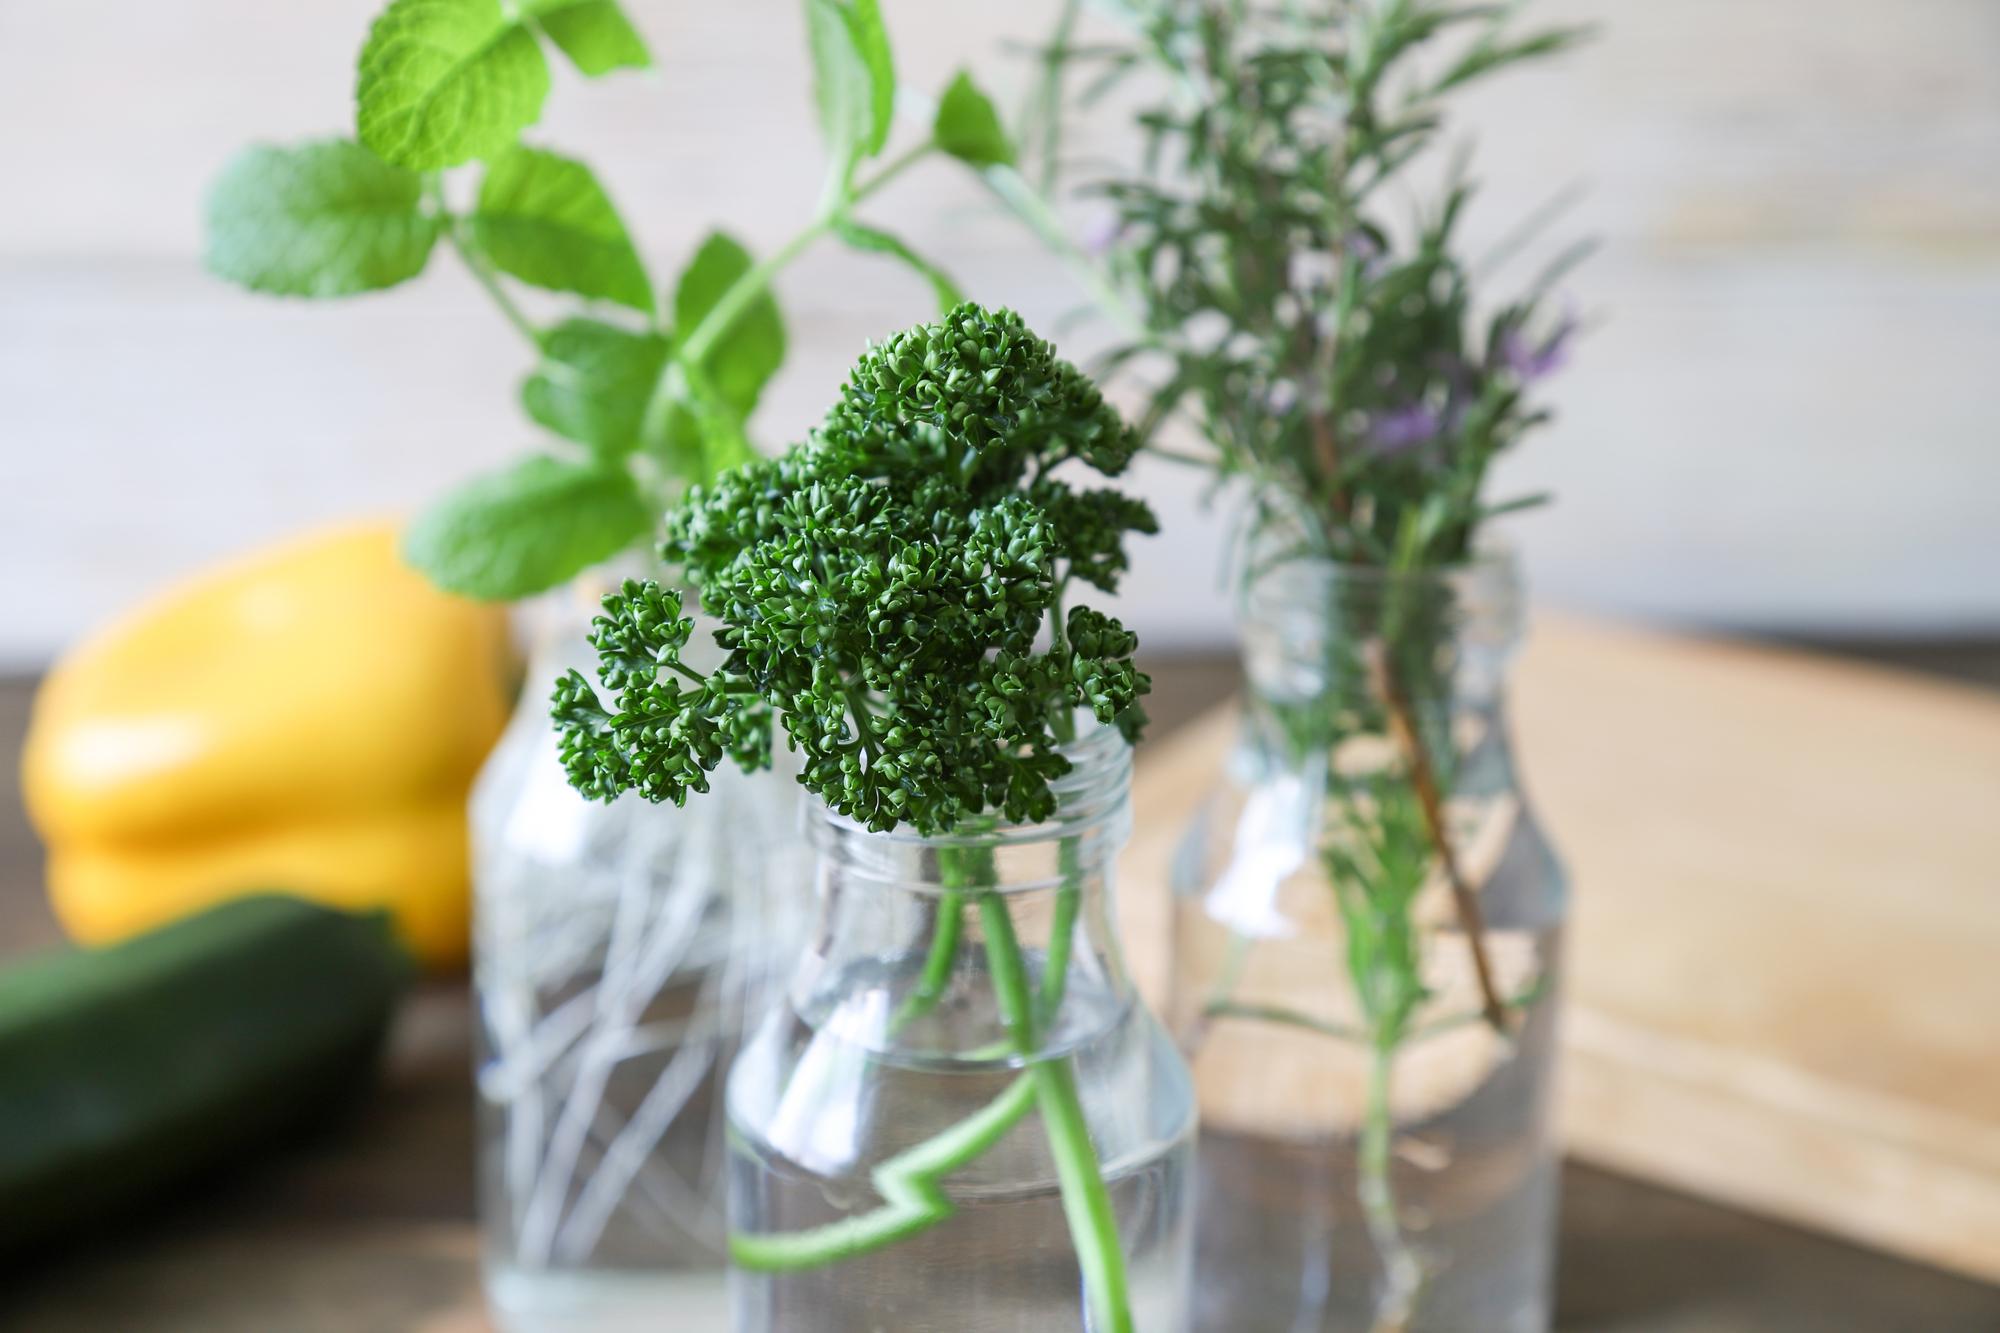 きれいな空き瓶やフラワーベースに水を張り、2、3節伸びた状態の茎を差しておきます。すると3~4日程度で少しずつ根が出てくるので、きちんと育っていることを感じることができますよ。